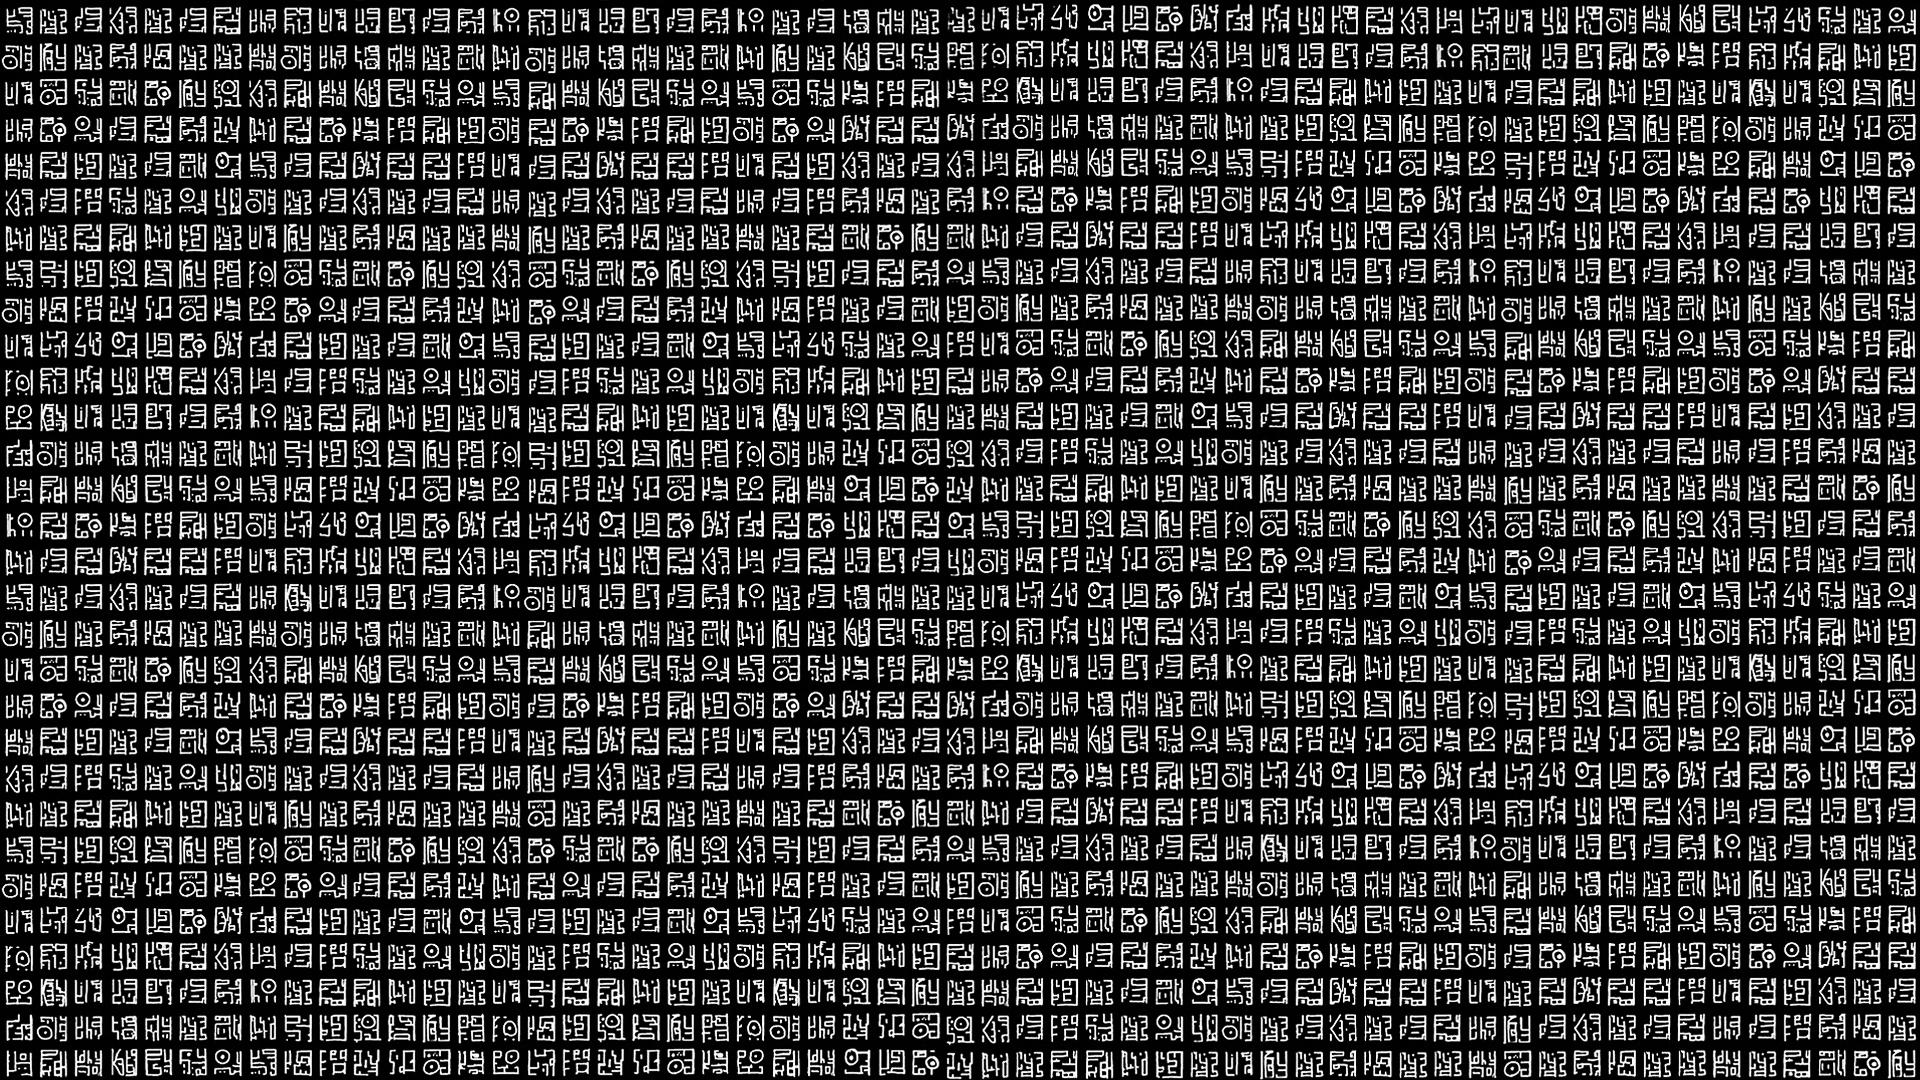 sunerian wallpaper 1920x1080